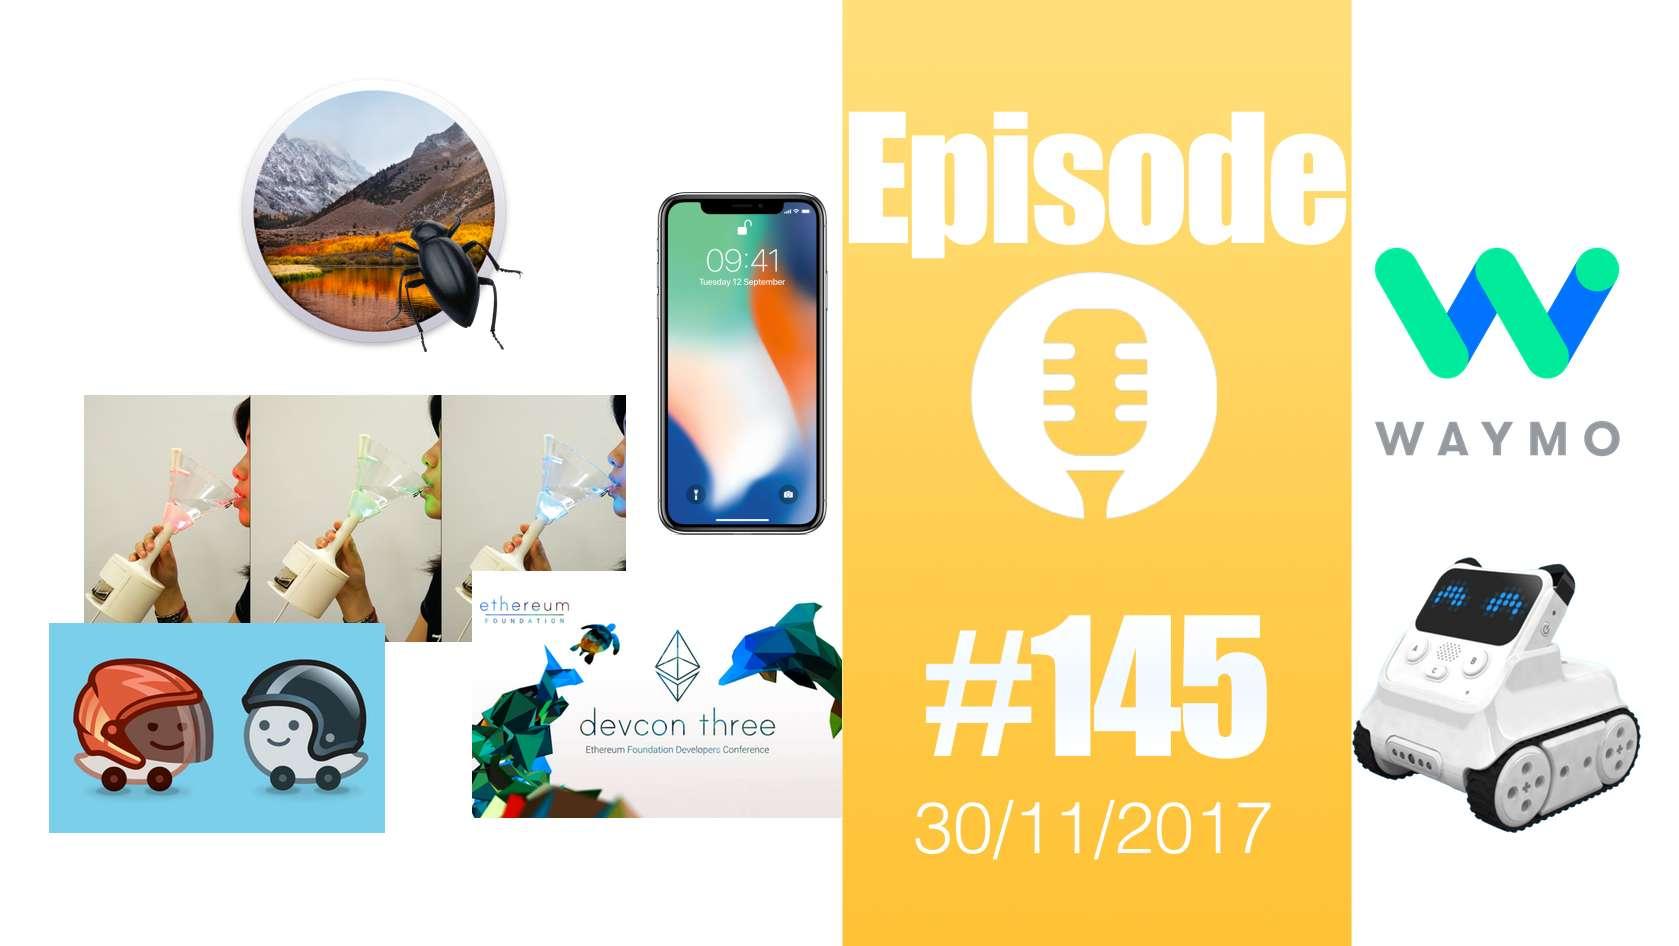 #145: Bug High Sierra, Vocktail, DevCon3, iPhone X, Codey Rocky, neutralité du net, Waymo, Waze,…